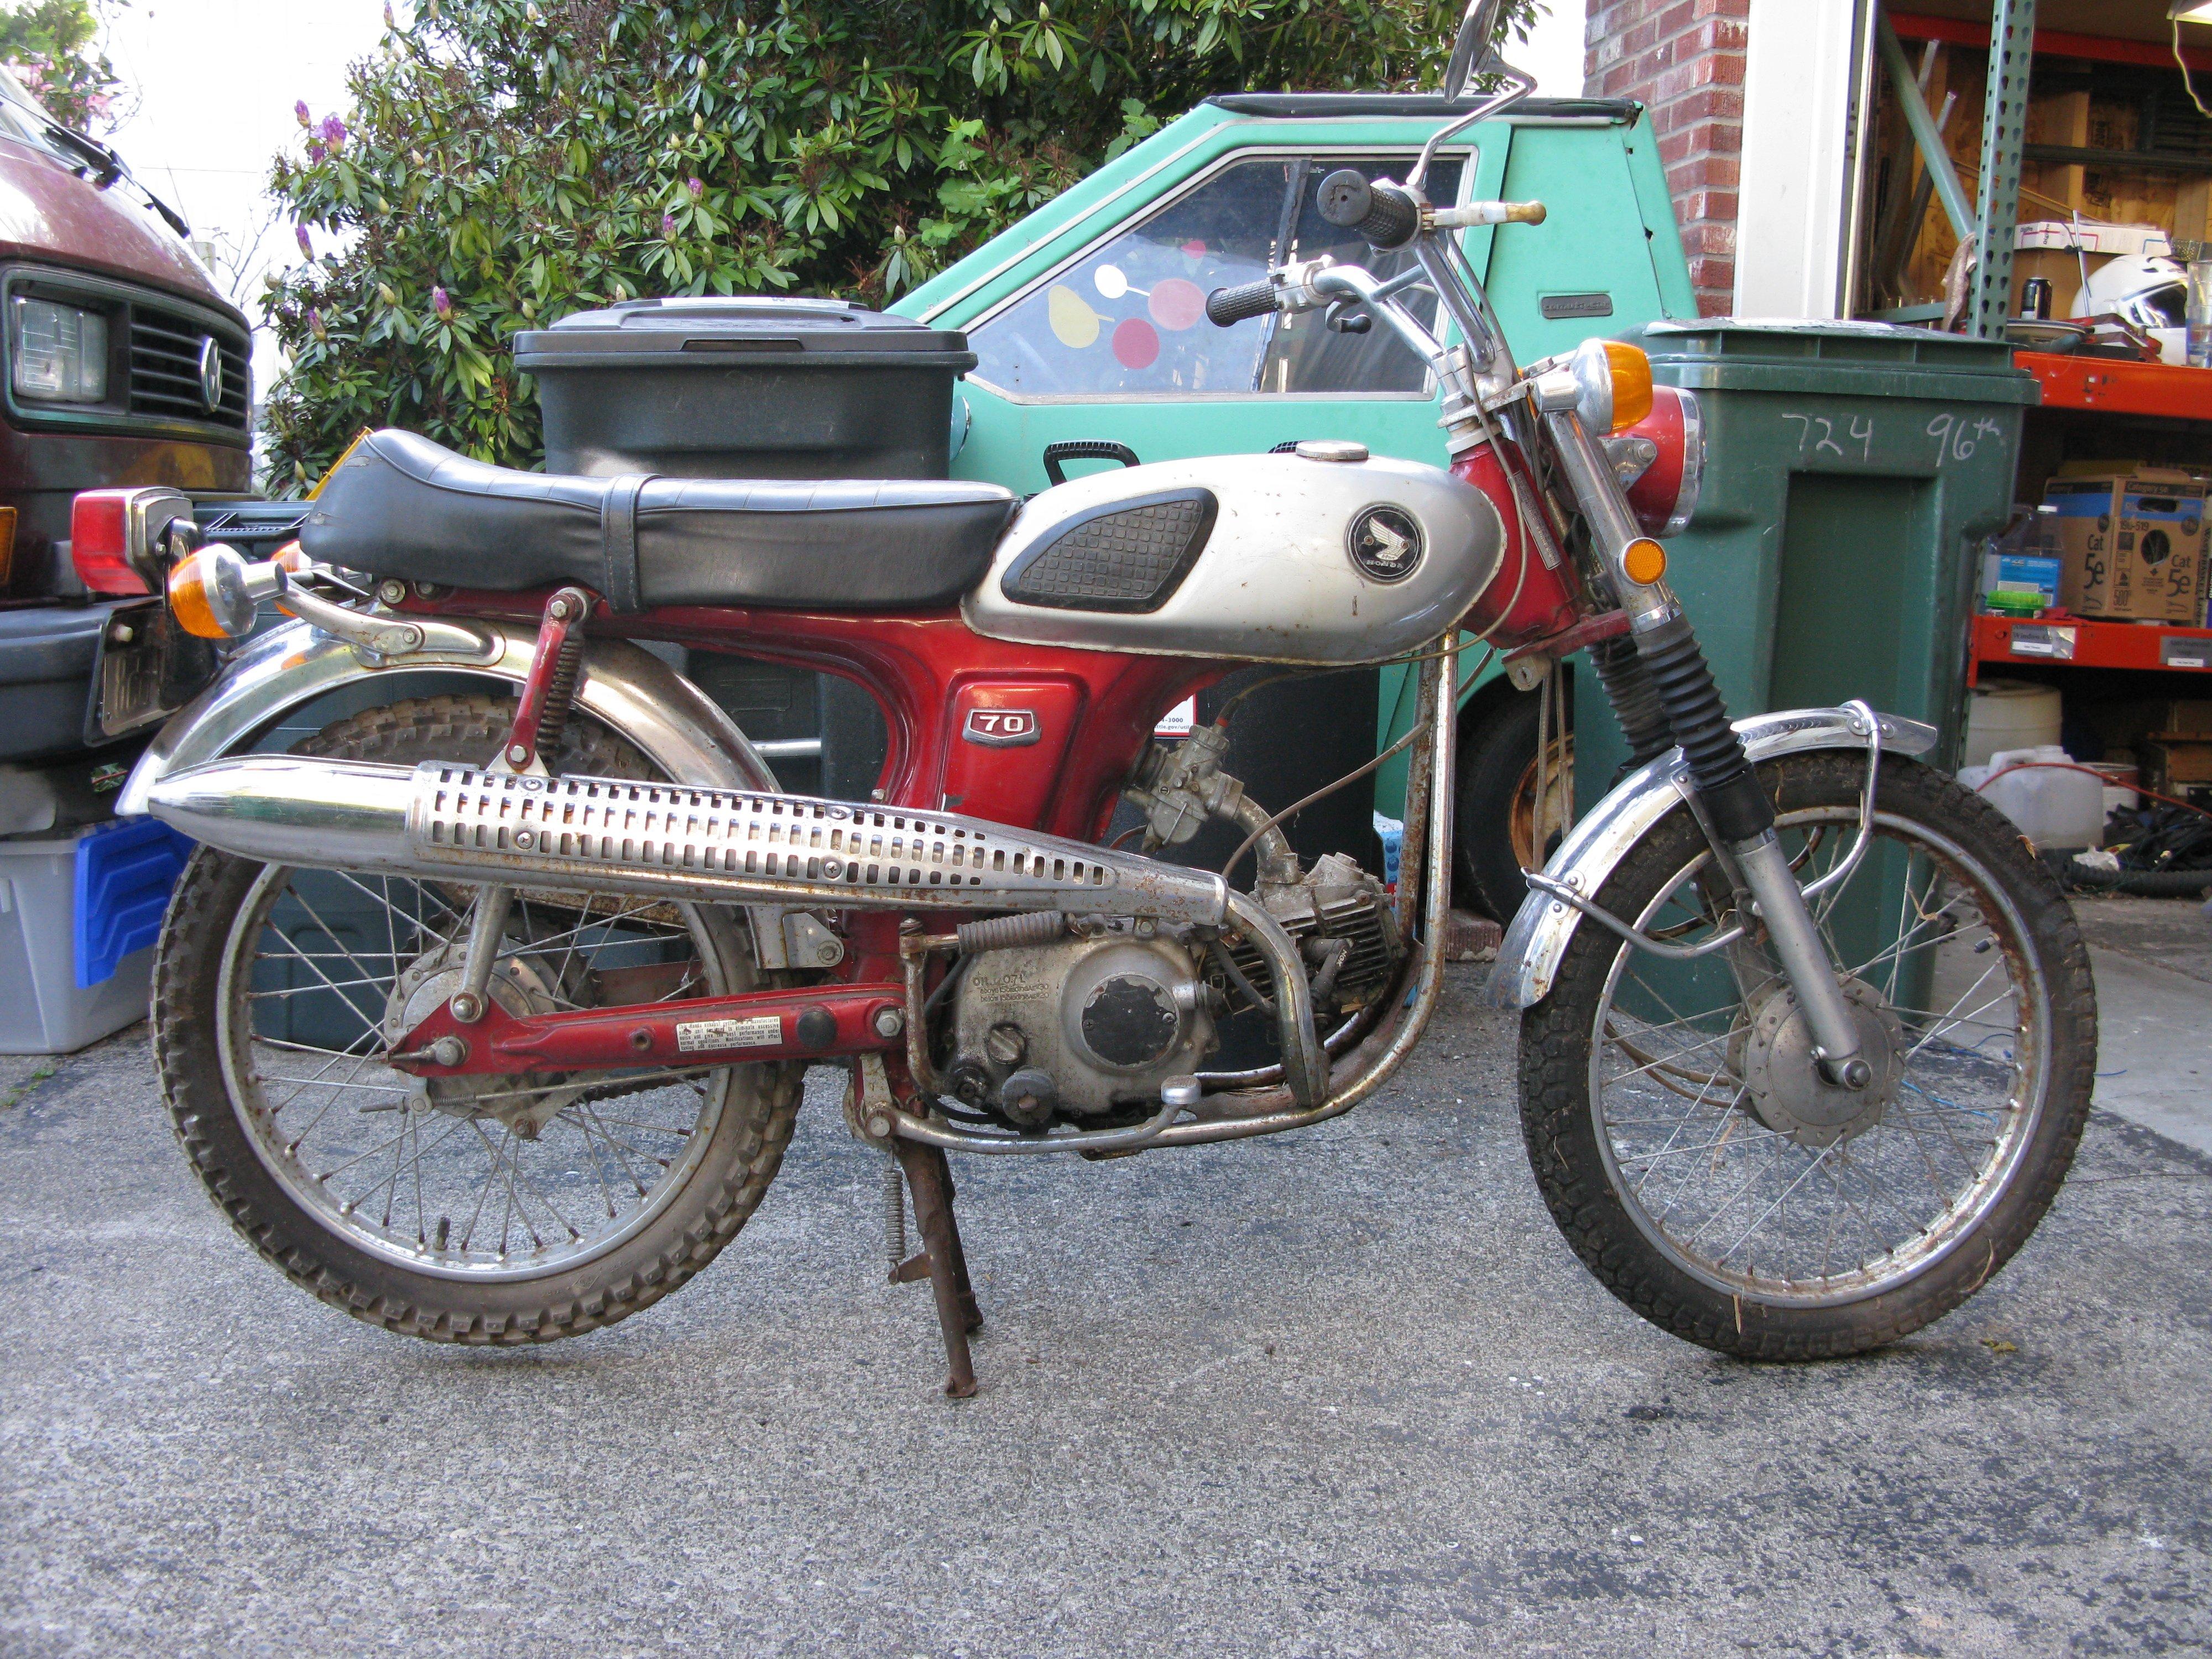 Cafe Racer Motorcycle For Sale In Denver